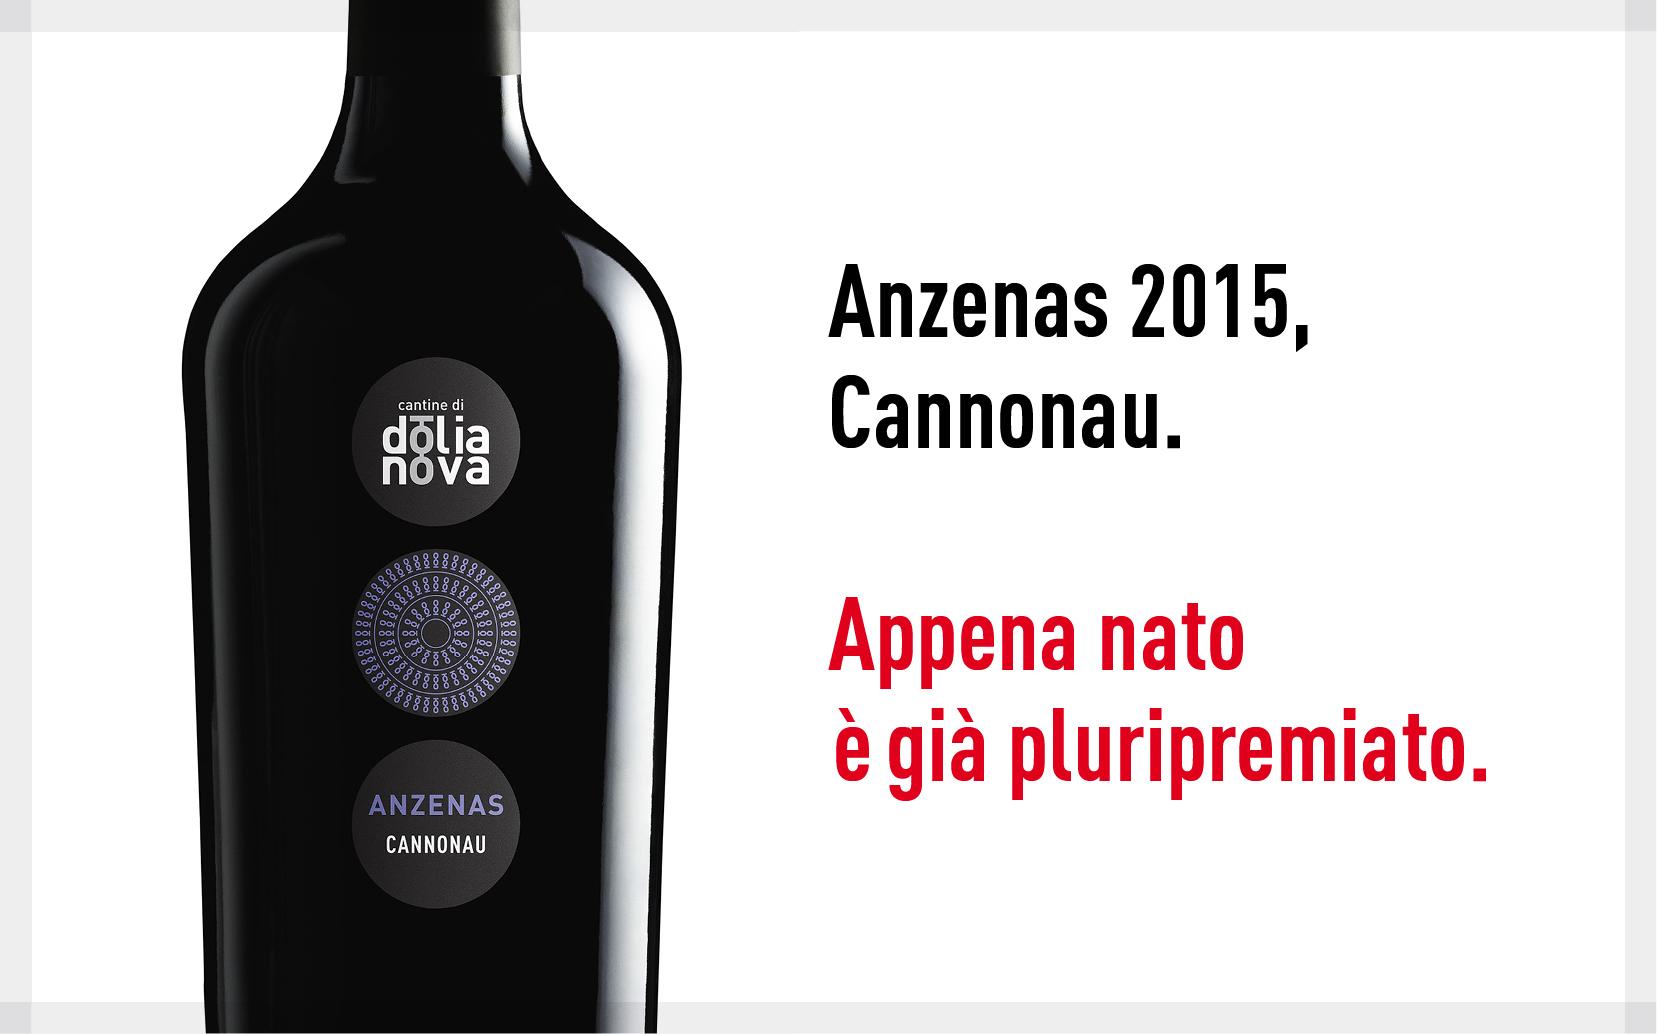 Anzenas-2015-